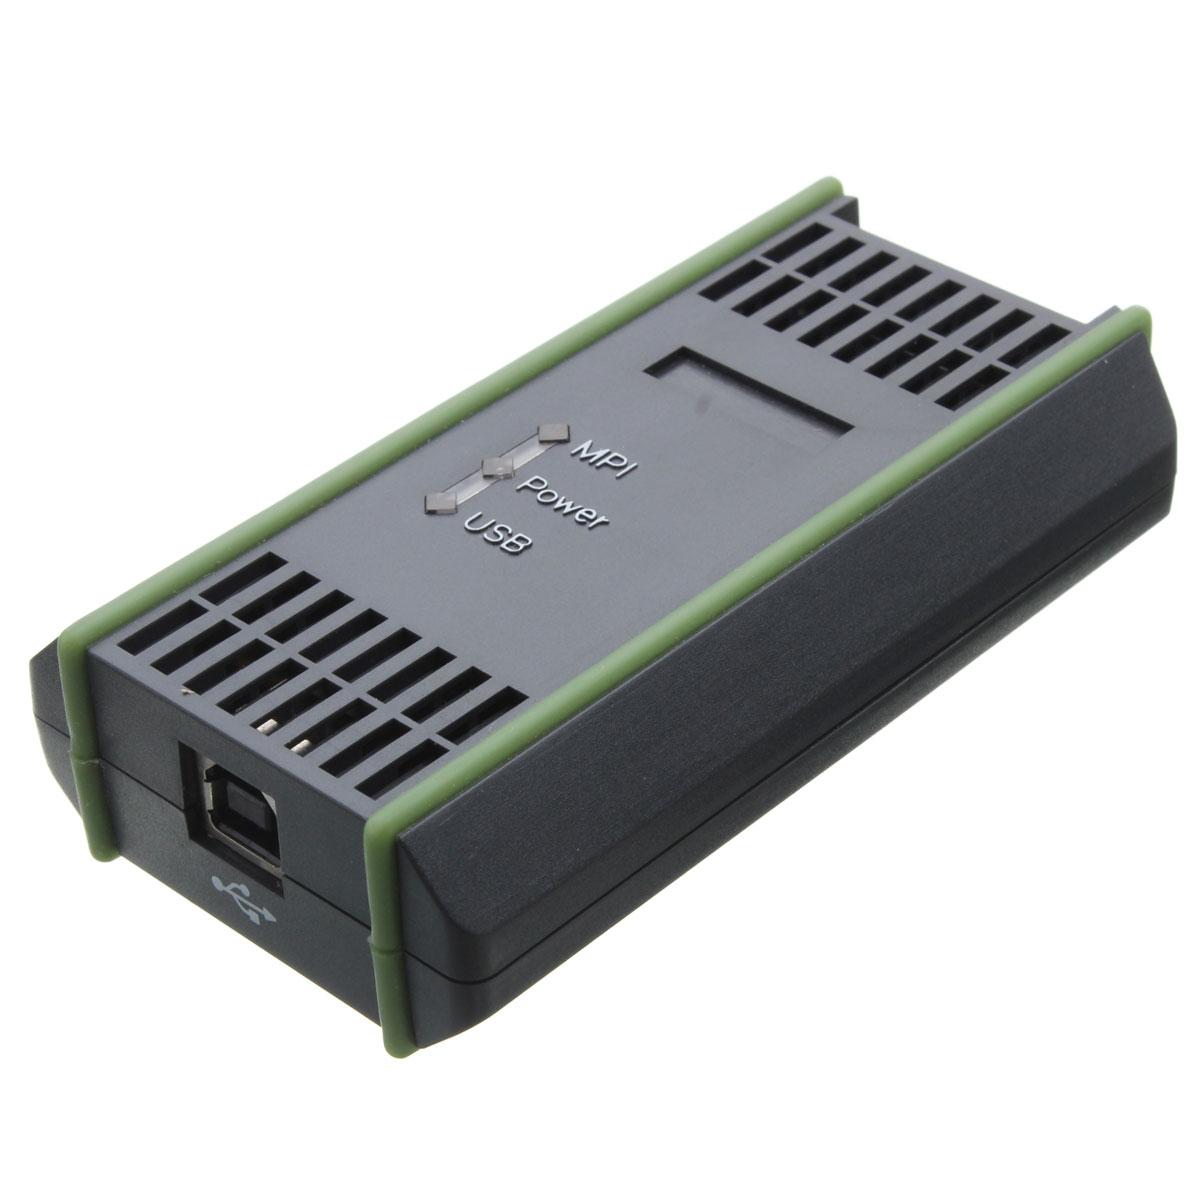 usb ppi mpi programmierkabel kabel f r siemens s7 200 300 400 plc adapter rs485 ebay. Black Bedroom Furniture Sets. Home Design Ideas